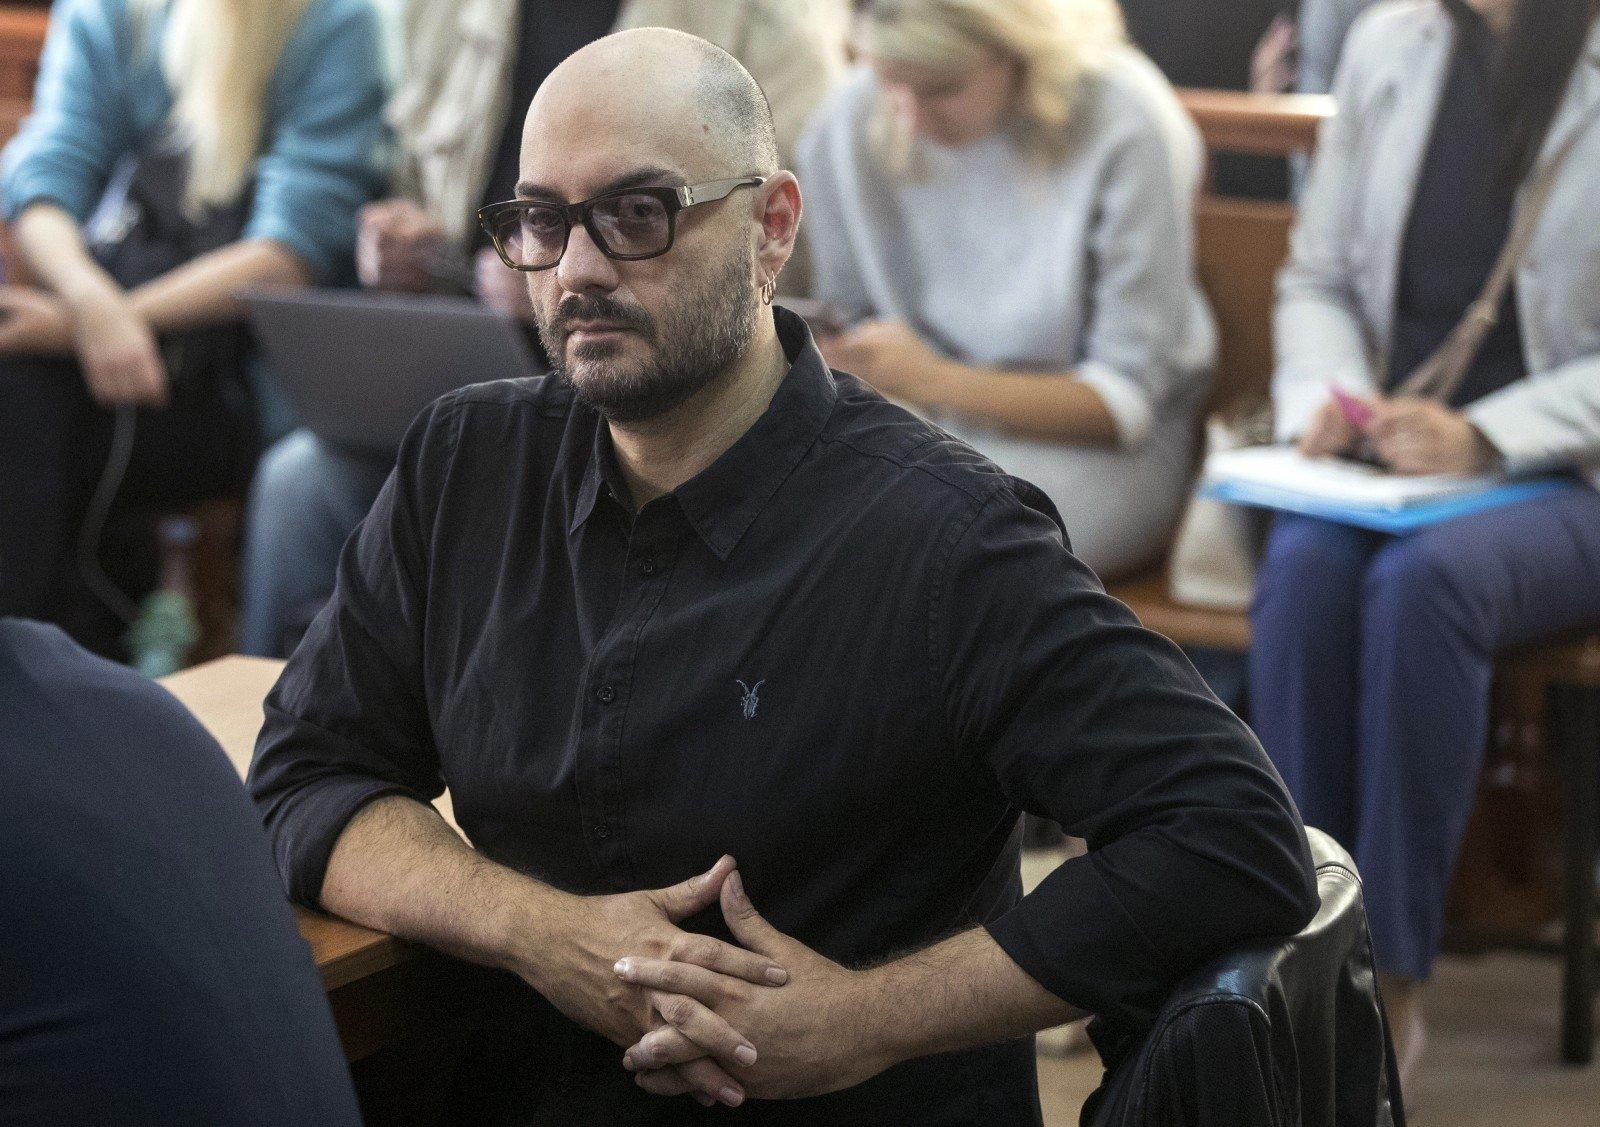 Юрист  передала  обувеличении суммы ущерба поделу Серебренникова